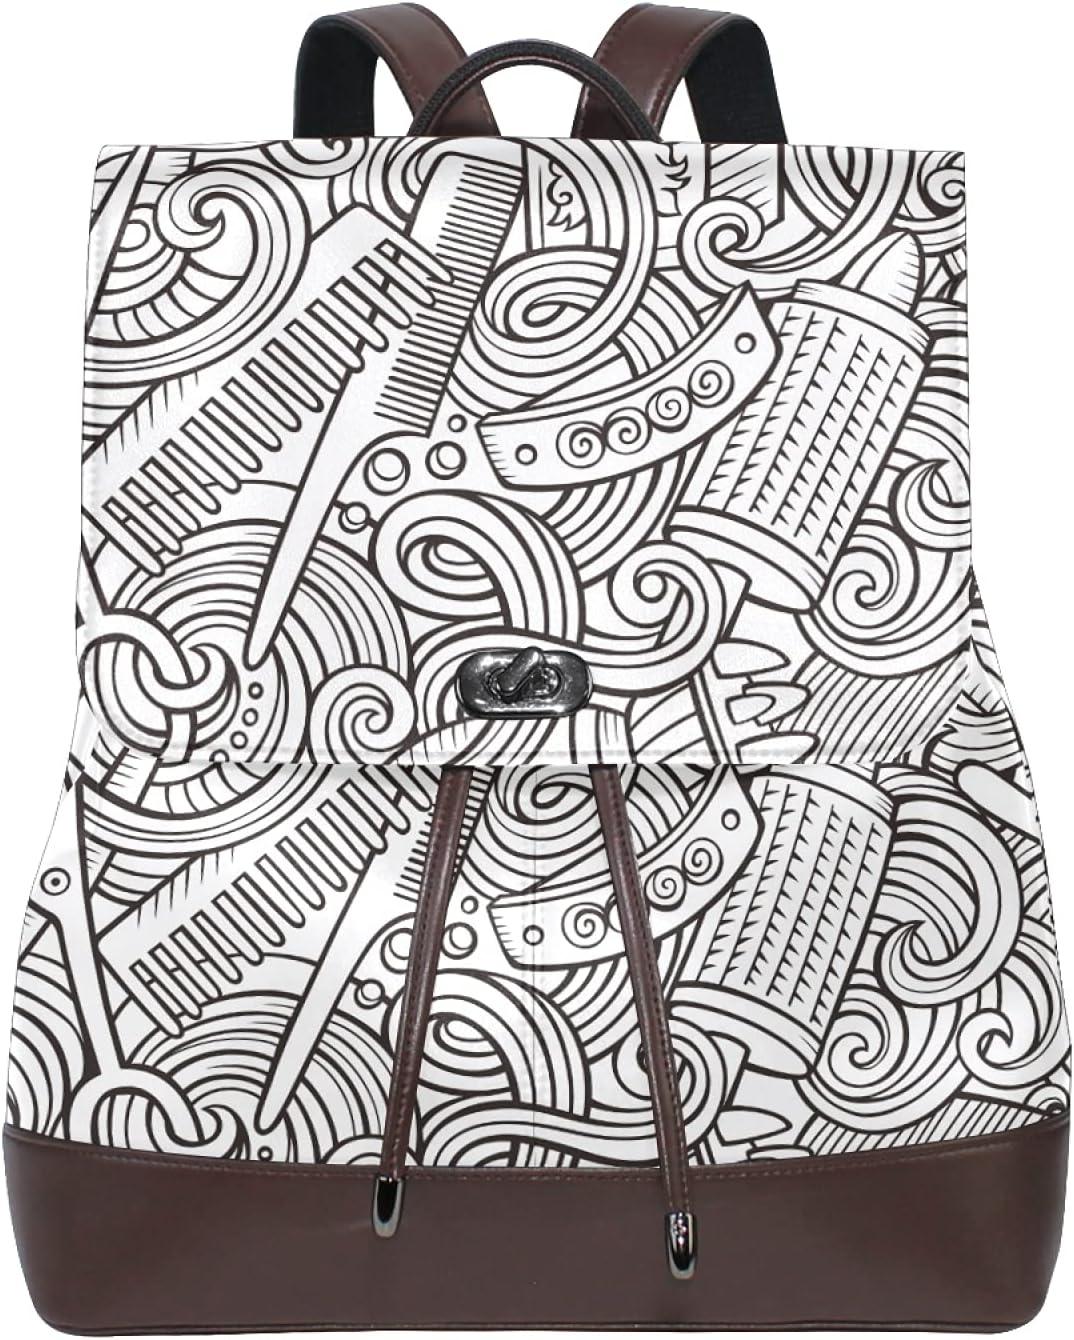 Women Leather Backpack Ladies Fashion Shoulder Bag Large Travel Bag Doodle Hair Salon